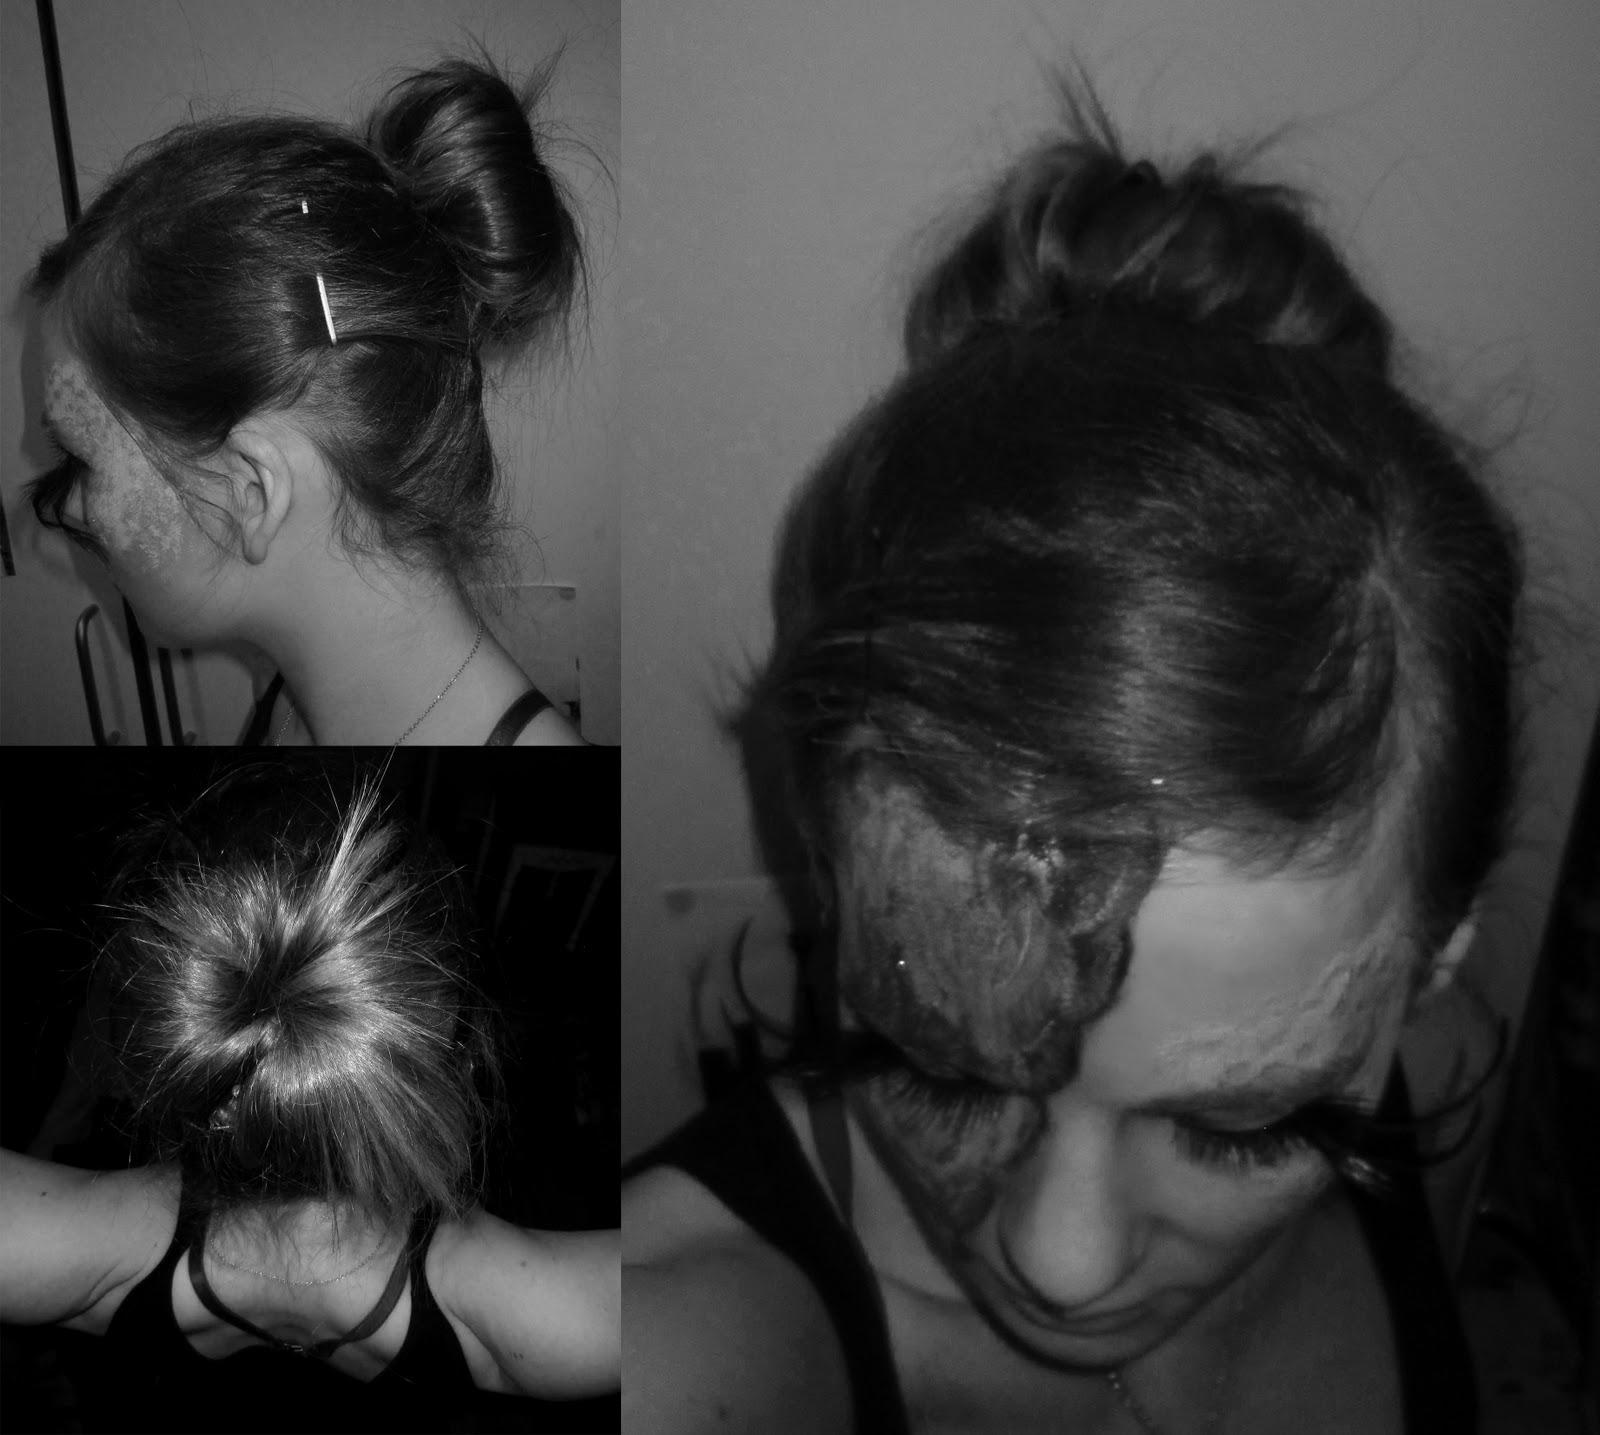 http://2.bp.blogspot.com/-Fko4cYEWWGc/TqsfvfmunoI/AAAAAAAADvI/--PFvtR1vuM/s1600/Hair.jpg